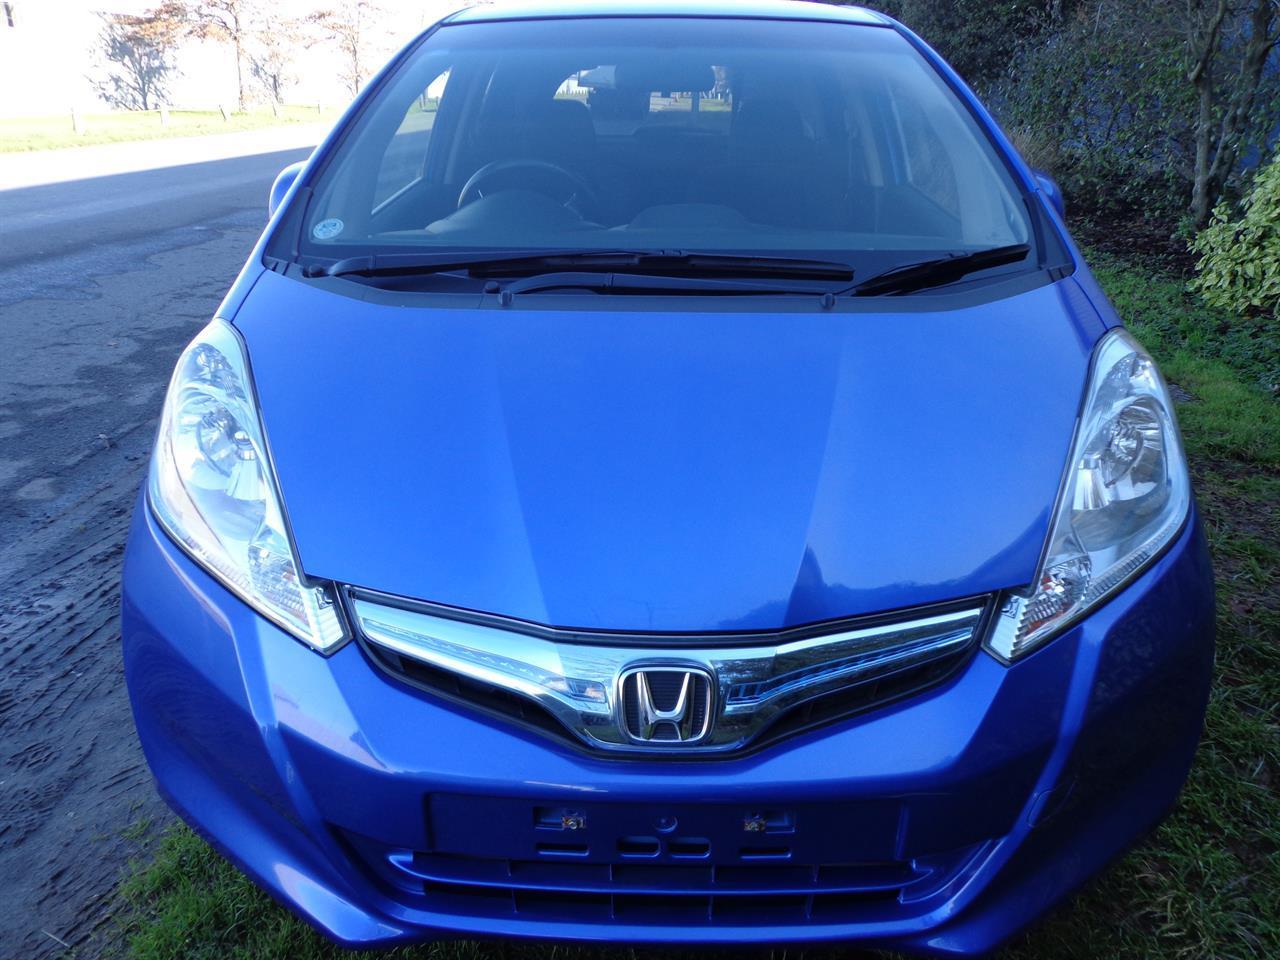 image-7, 2012 Honda FIT HYBRID at Christchurch